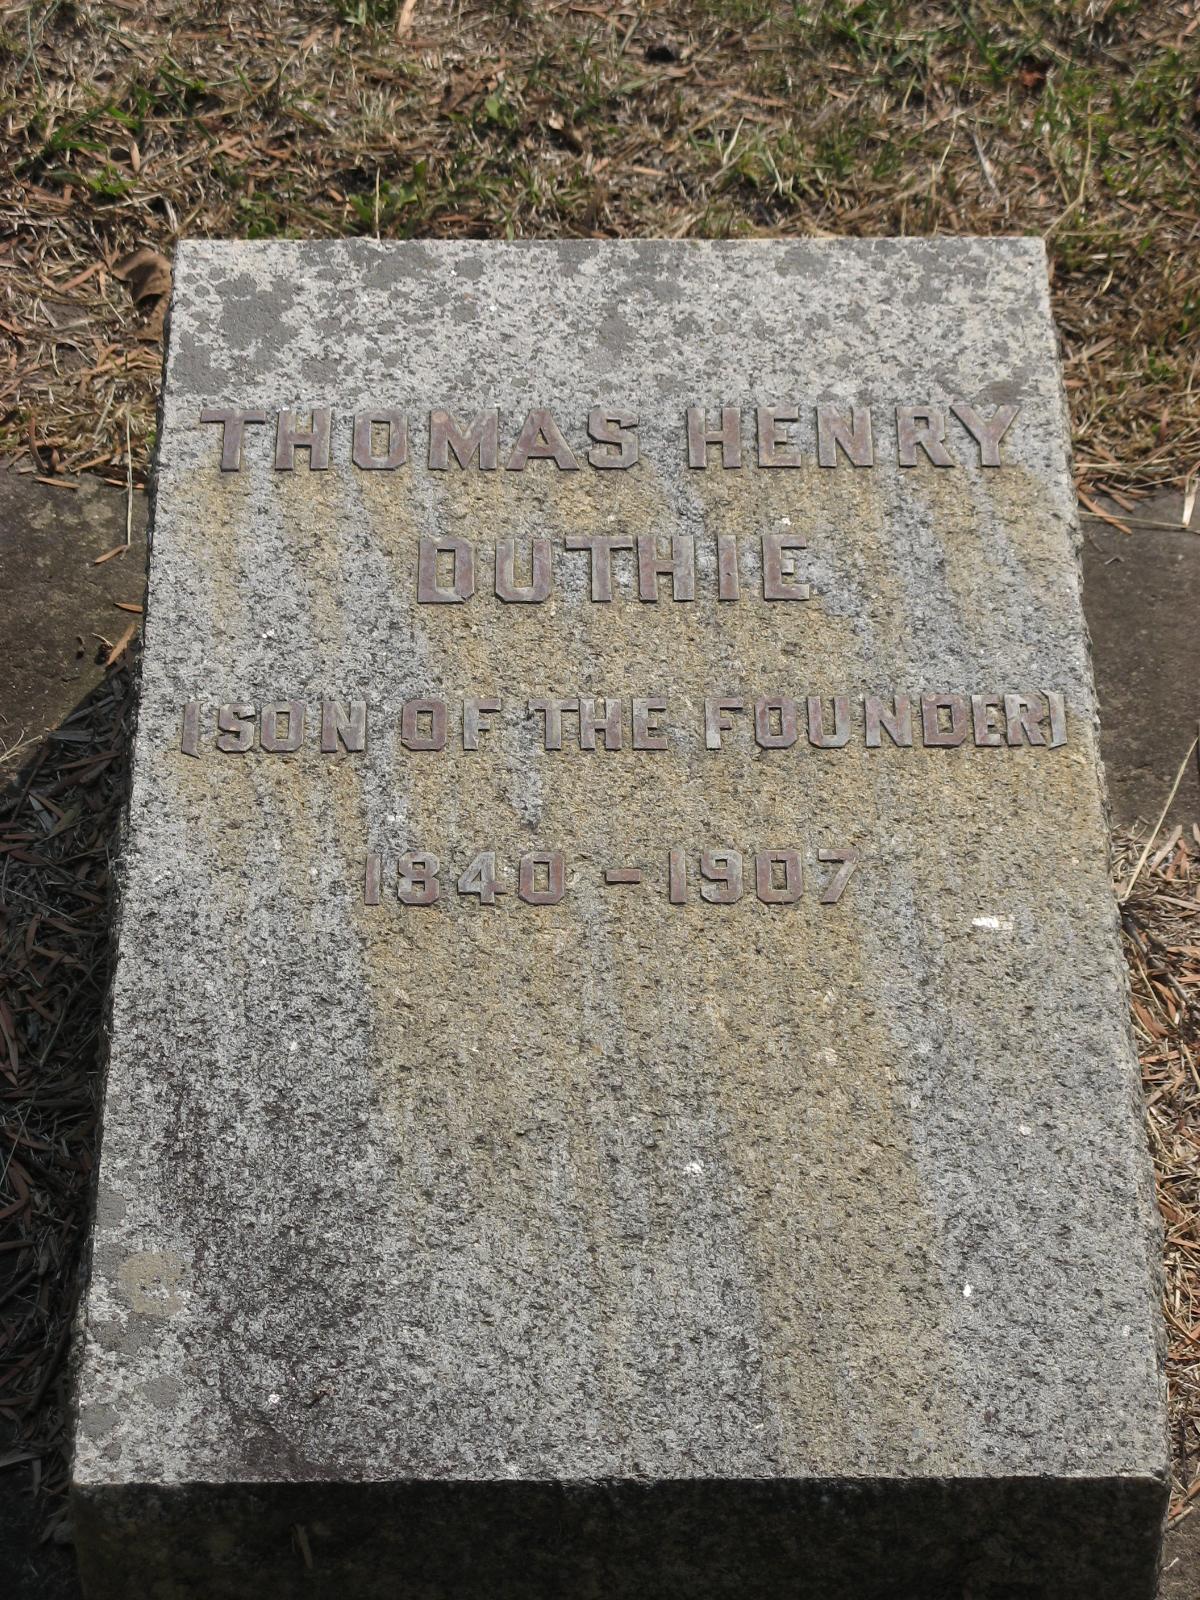 Duthie, Thomas Henry